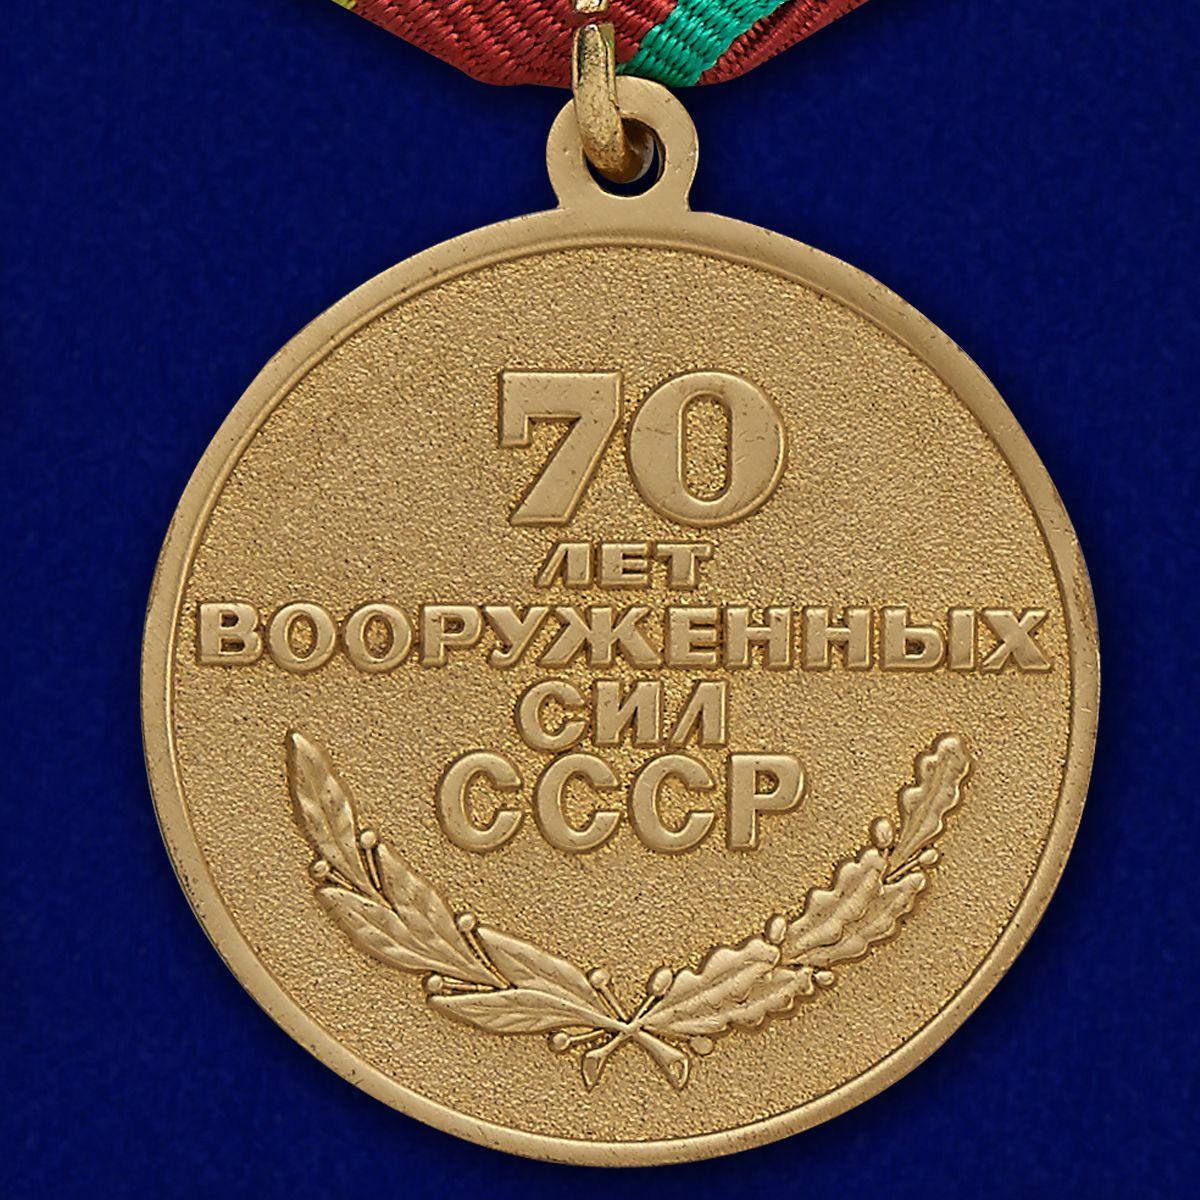 """Юбилейная медаль """"70 лет Вооружённых Сил СССР"""" в виде муляжа"""